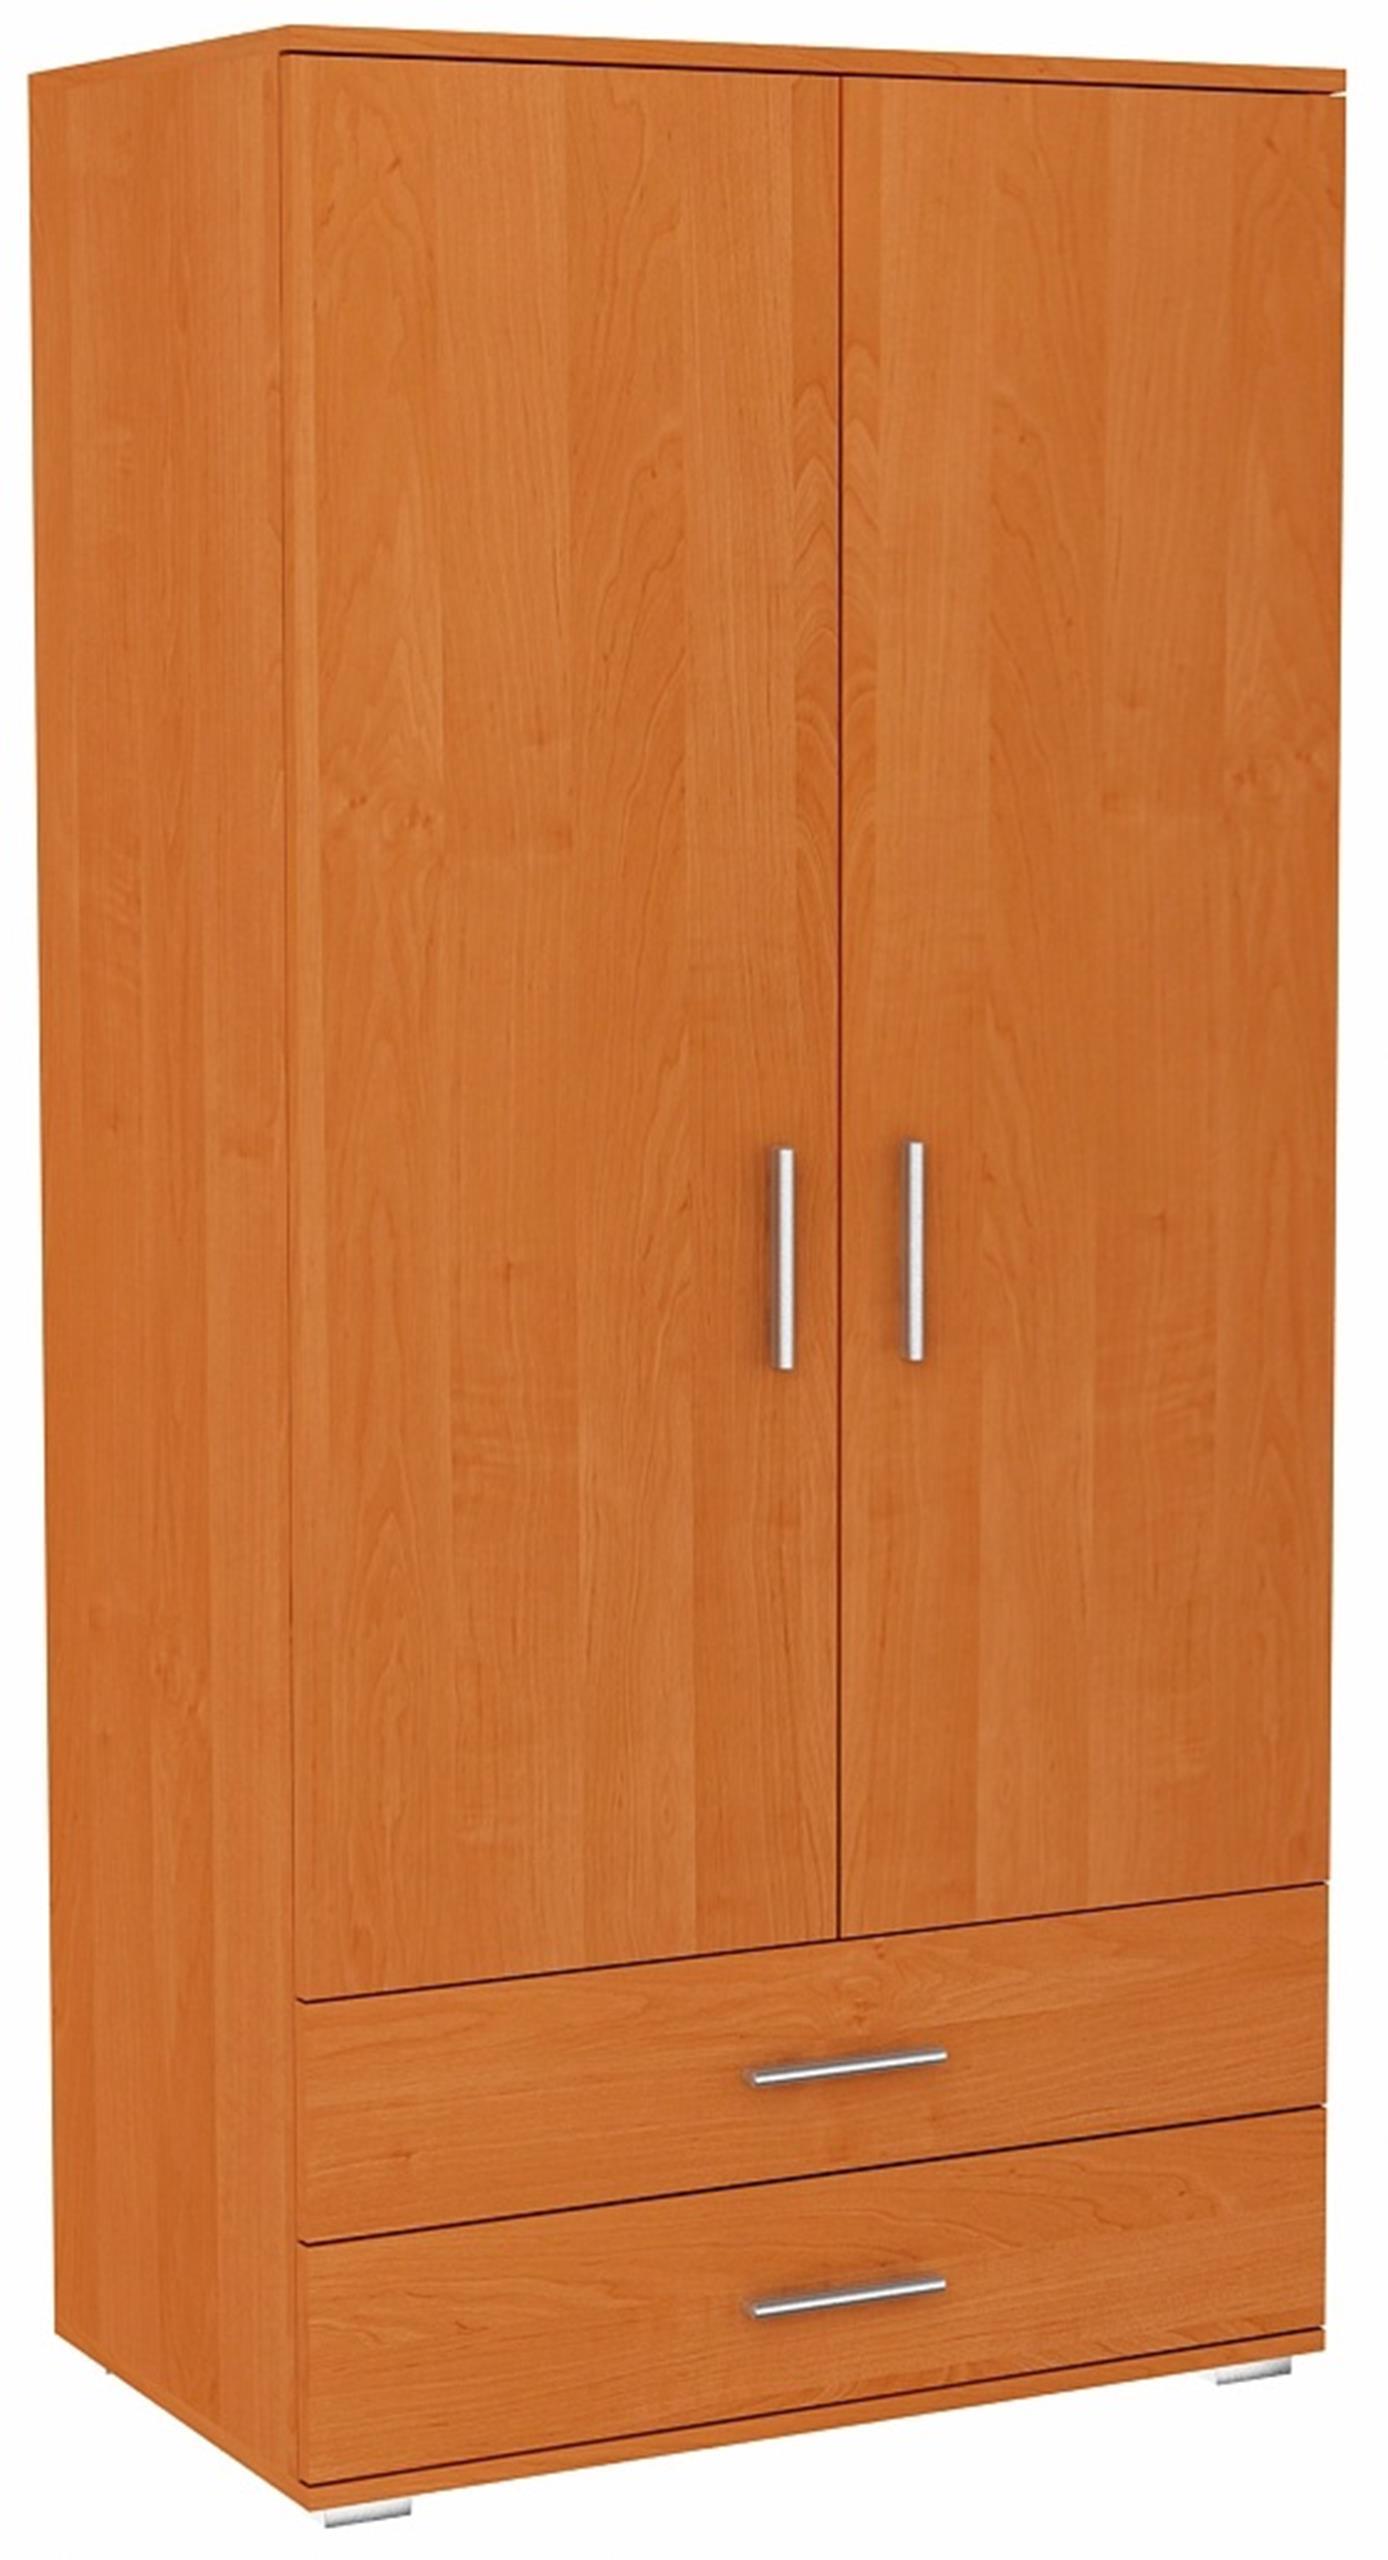 Шкаф двое дверей BODO 2D2S Ольха 2 ящики Стеллаж